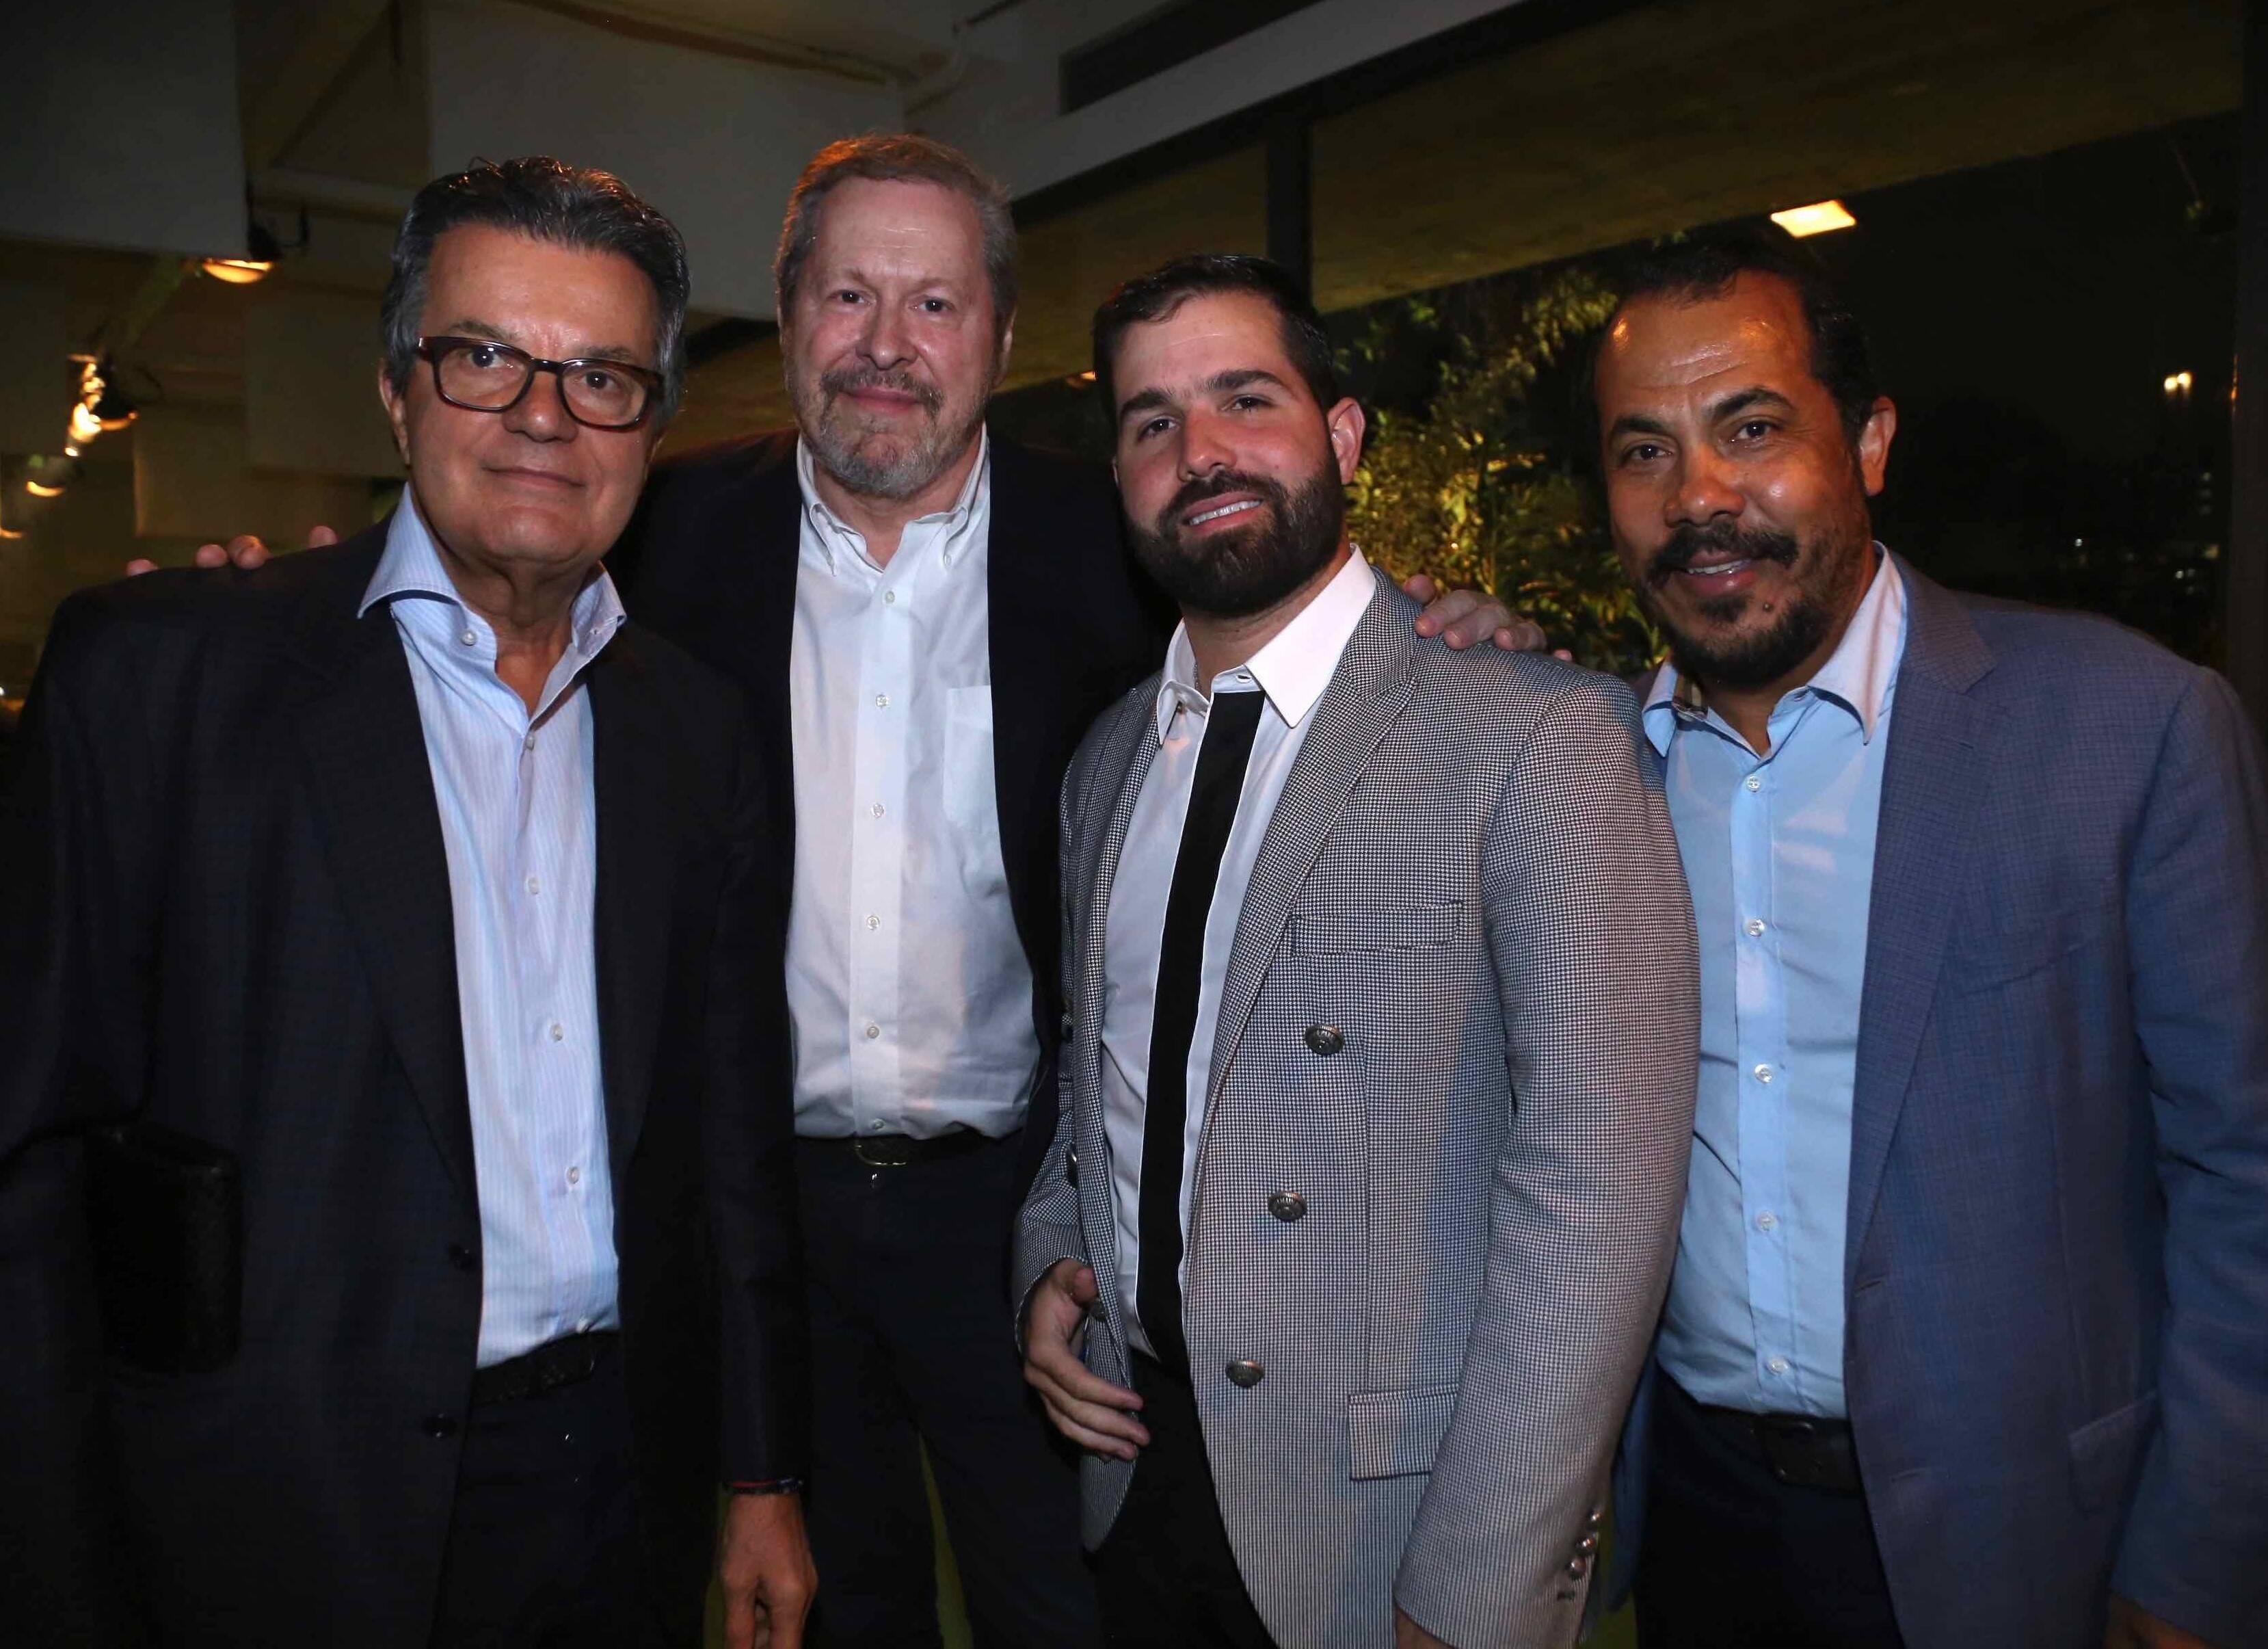 Ronaldi Coelho, Pedro Correa do Lago, Felipe Queiroz e Antonio Almeida /Foto: Denise Andrade